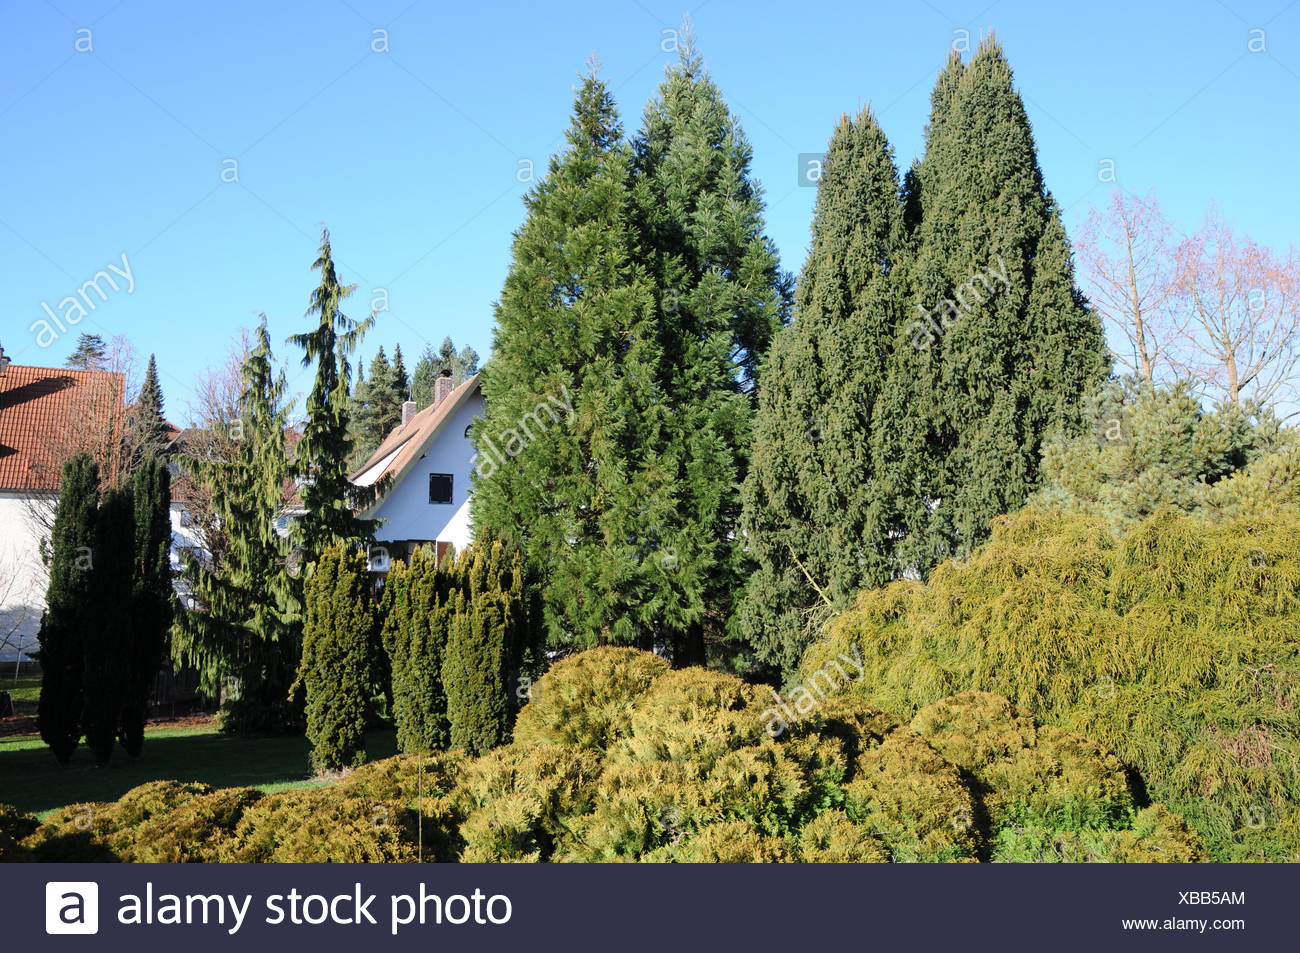 Coniferous trees - Stock Image